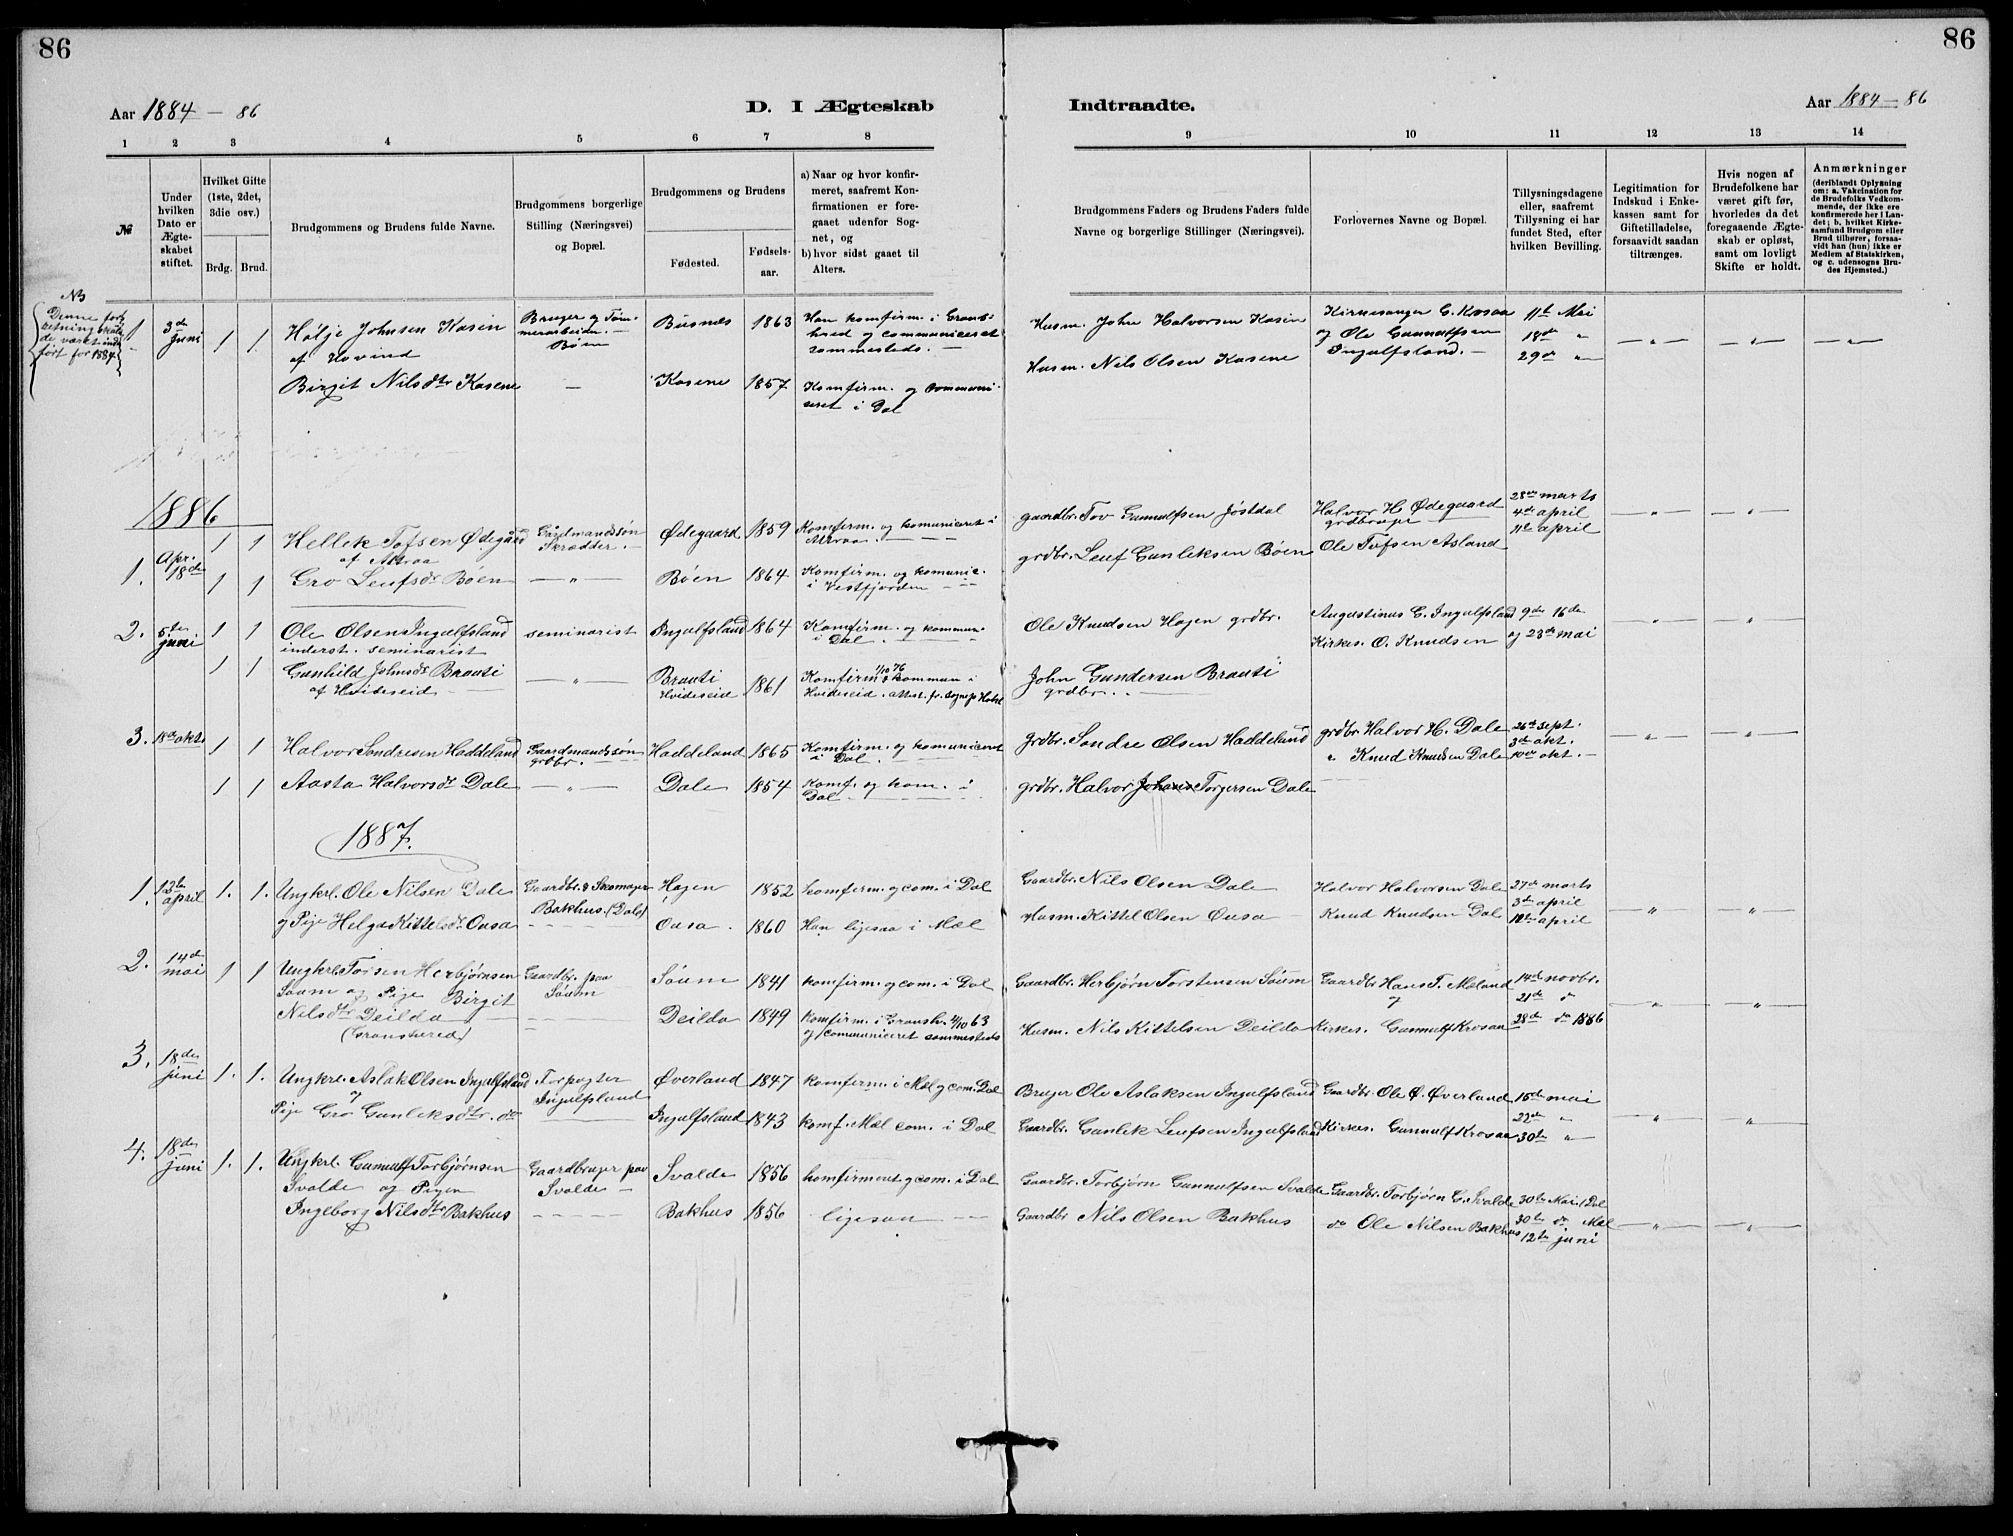 SAKO, Rjukan kirkebøker, G/Ga/L0001: Klokkerbok nr. 1, 1880-1914, s. 86